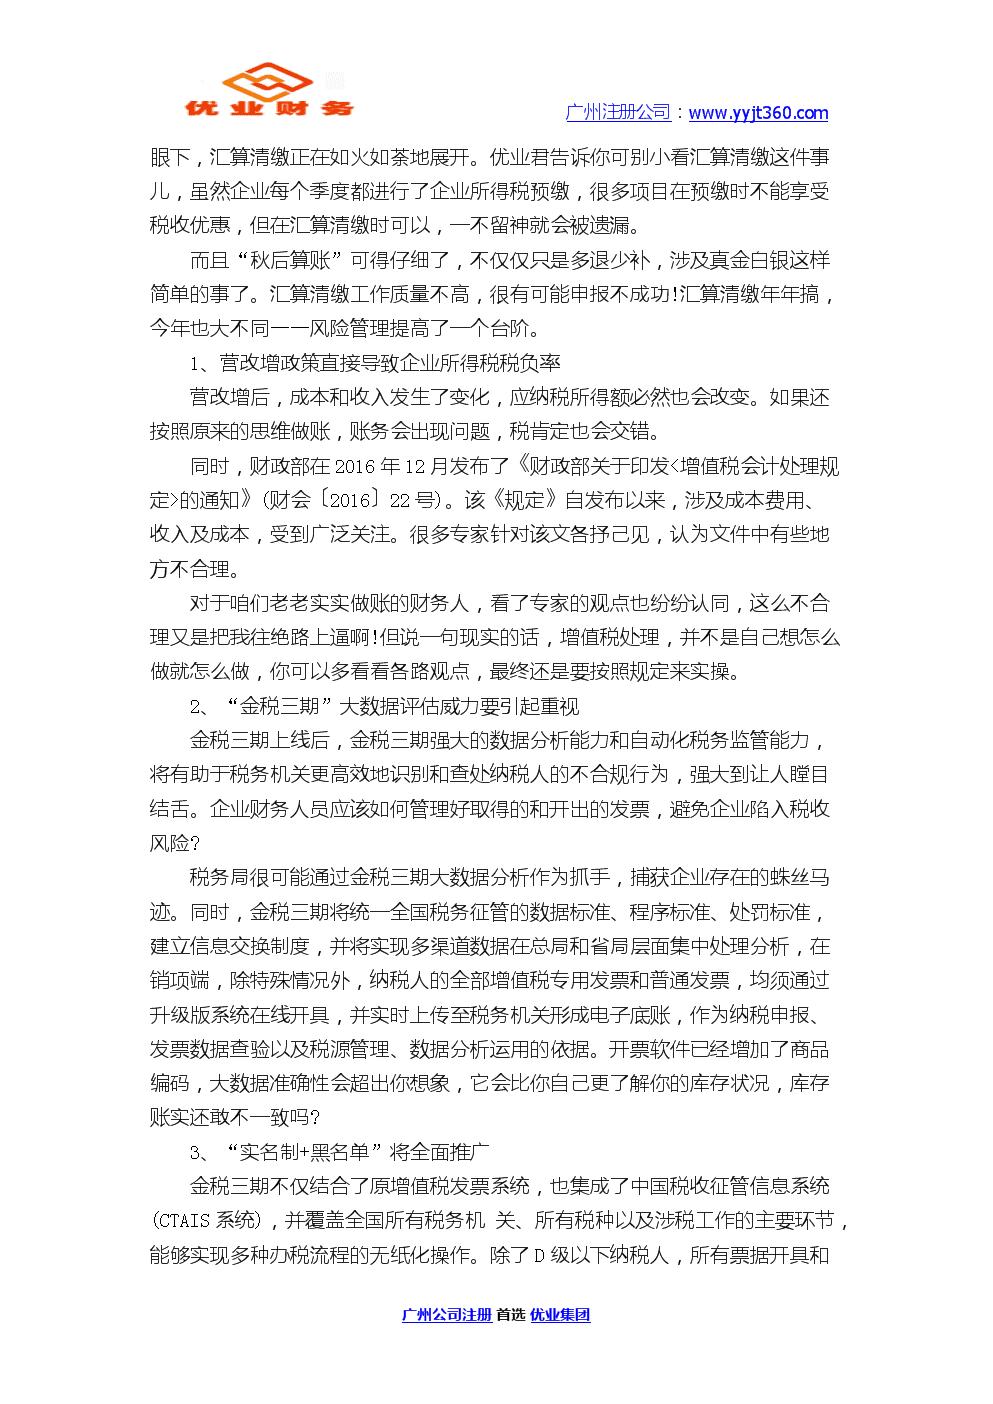 汇算清缴 优业集团.docx